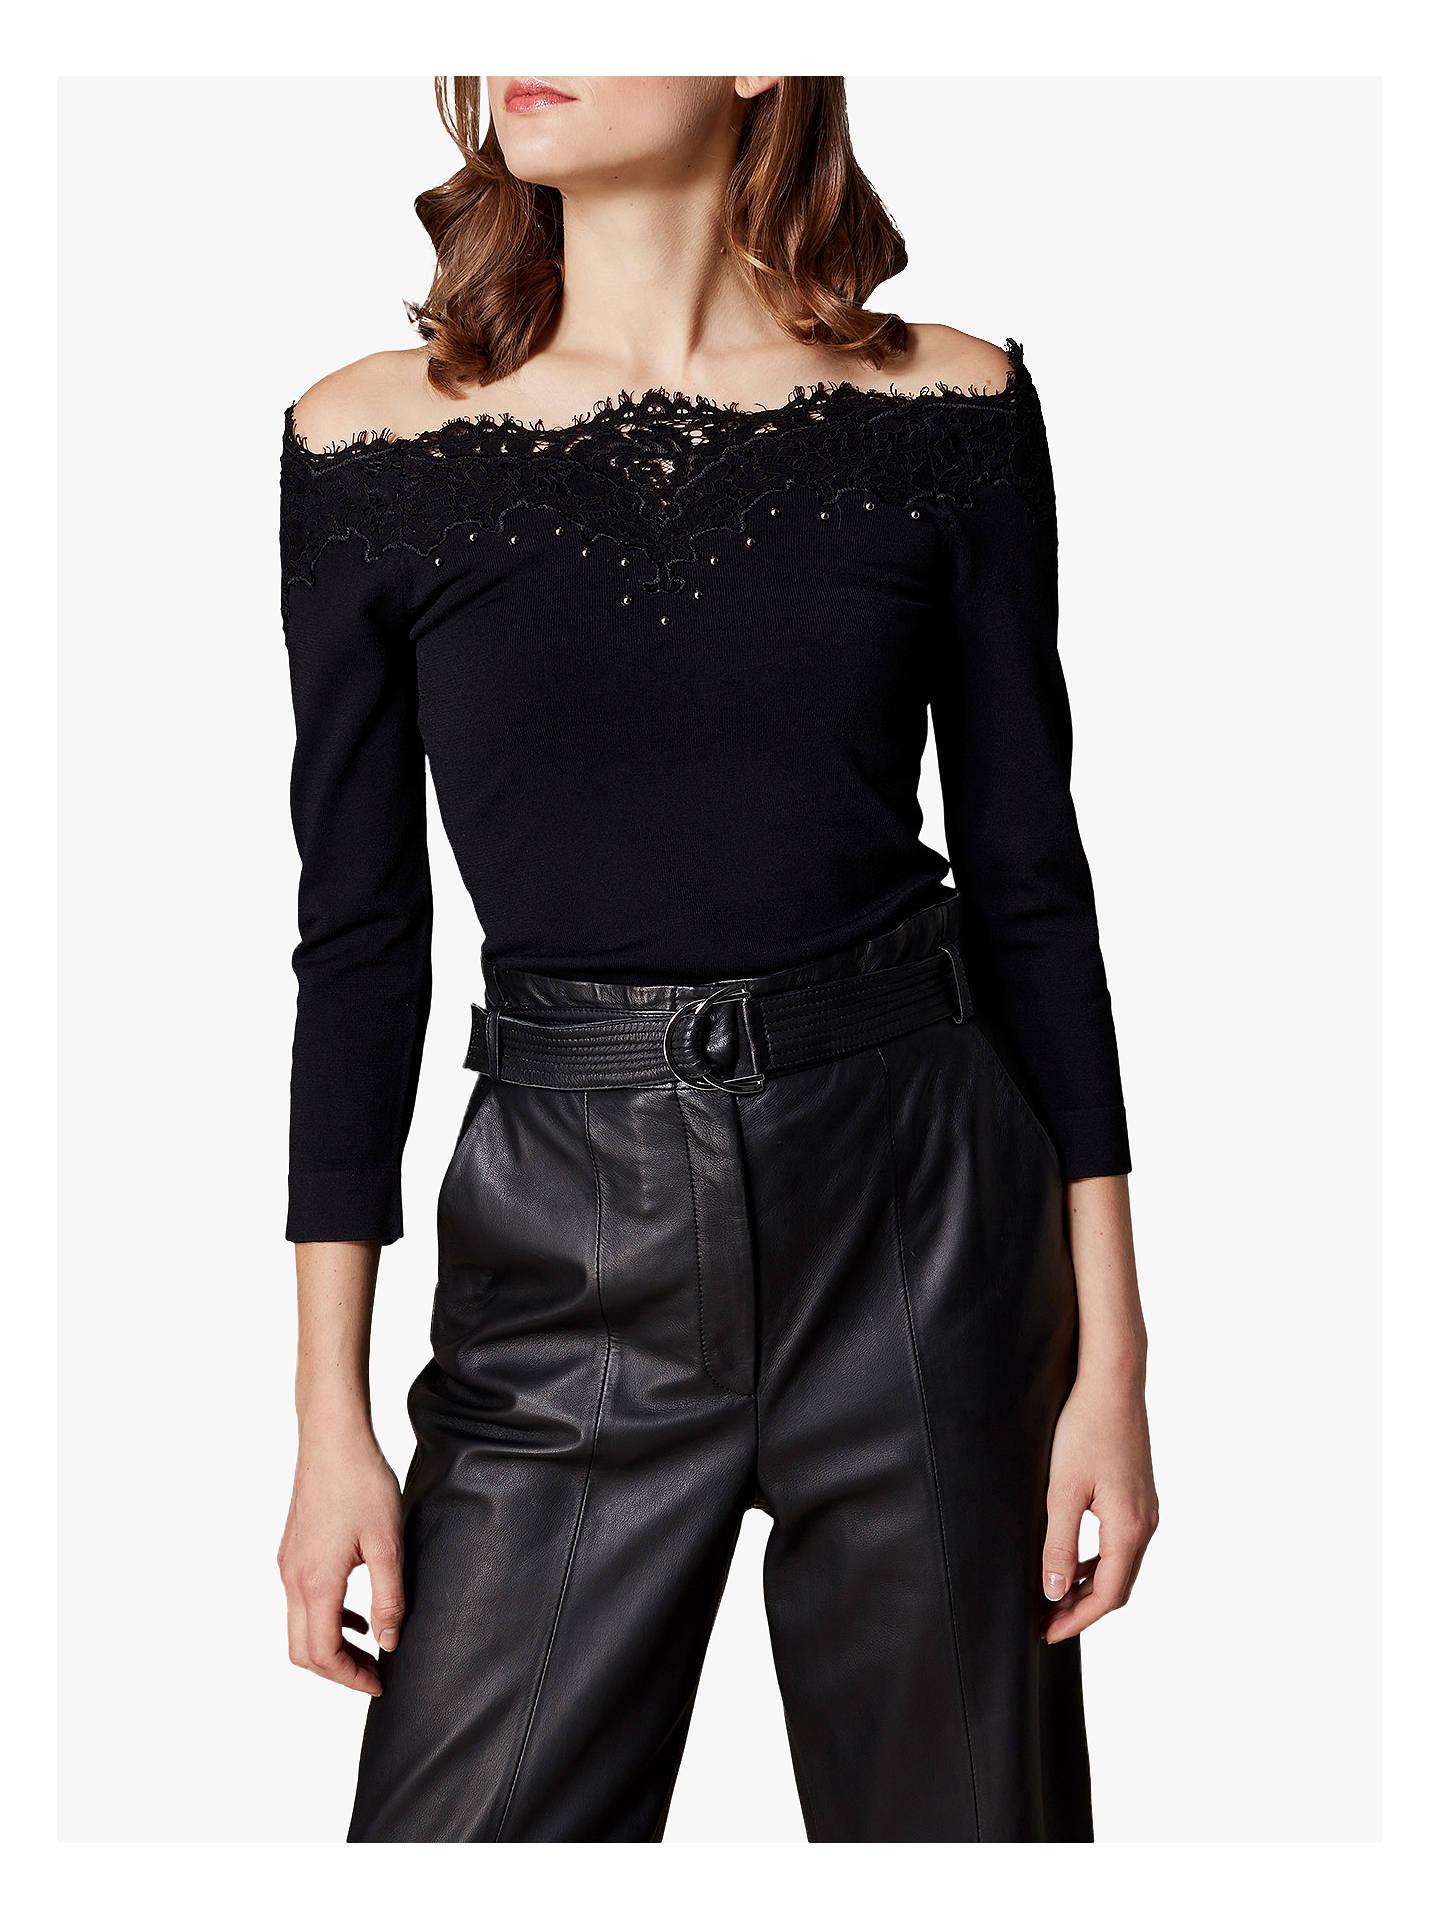 ab5fd5291fad4 Buy Karen Millen Lace Bardot Top